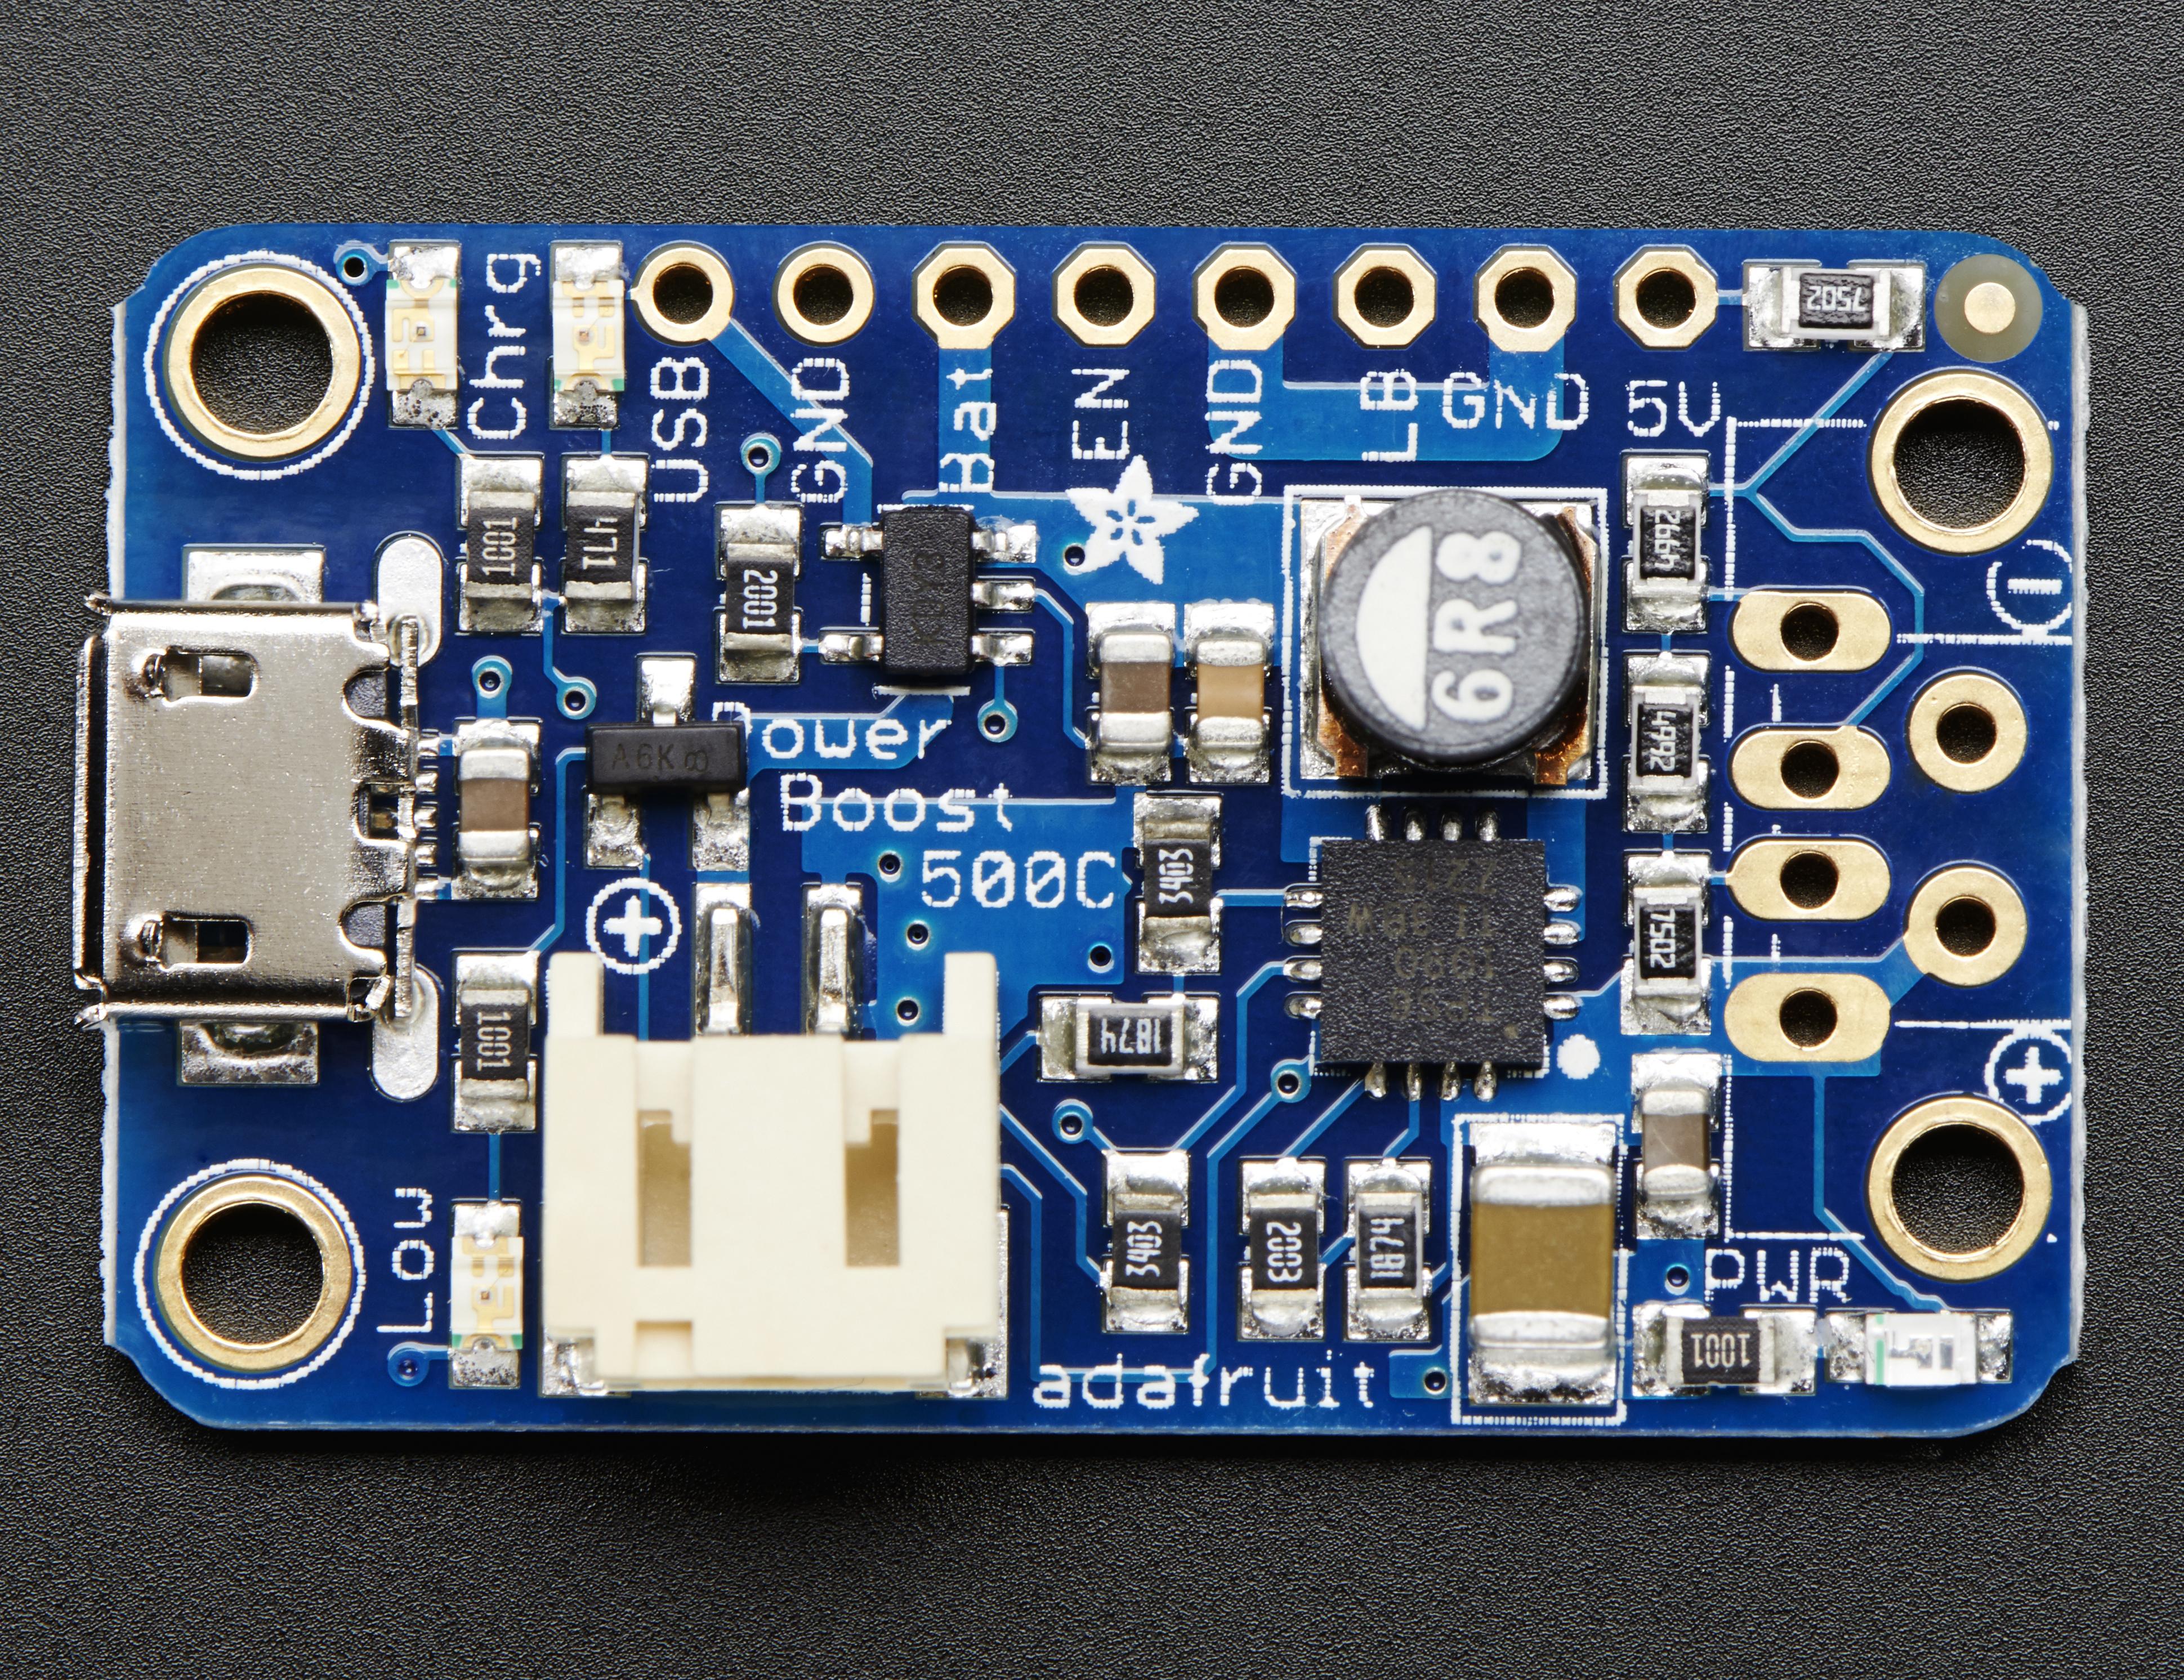 adafruit_products_1944demo_ORIG_300.jpg